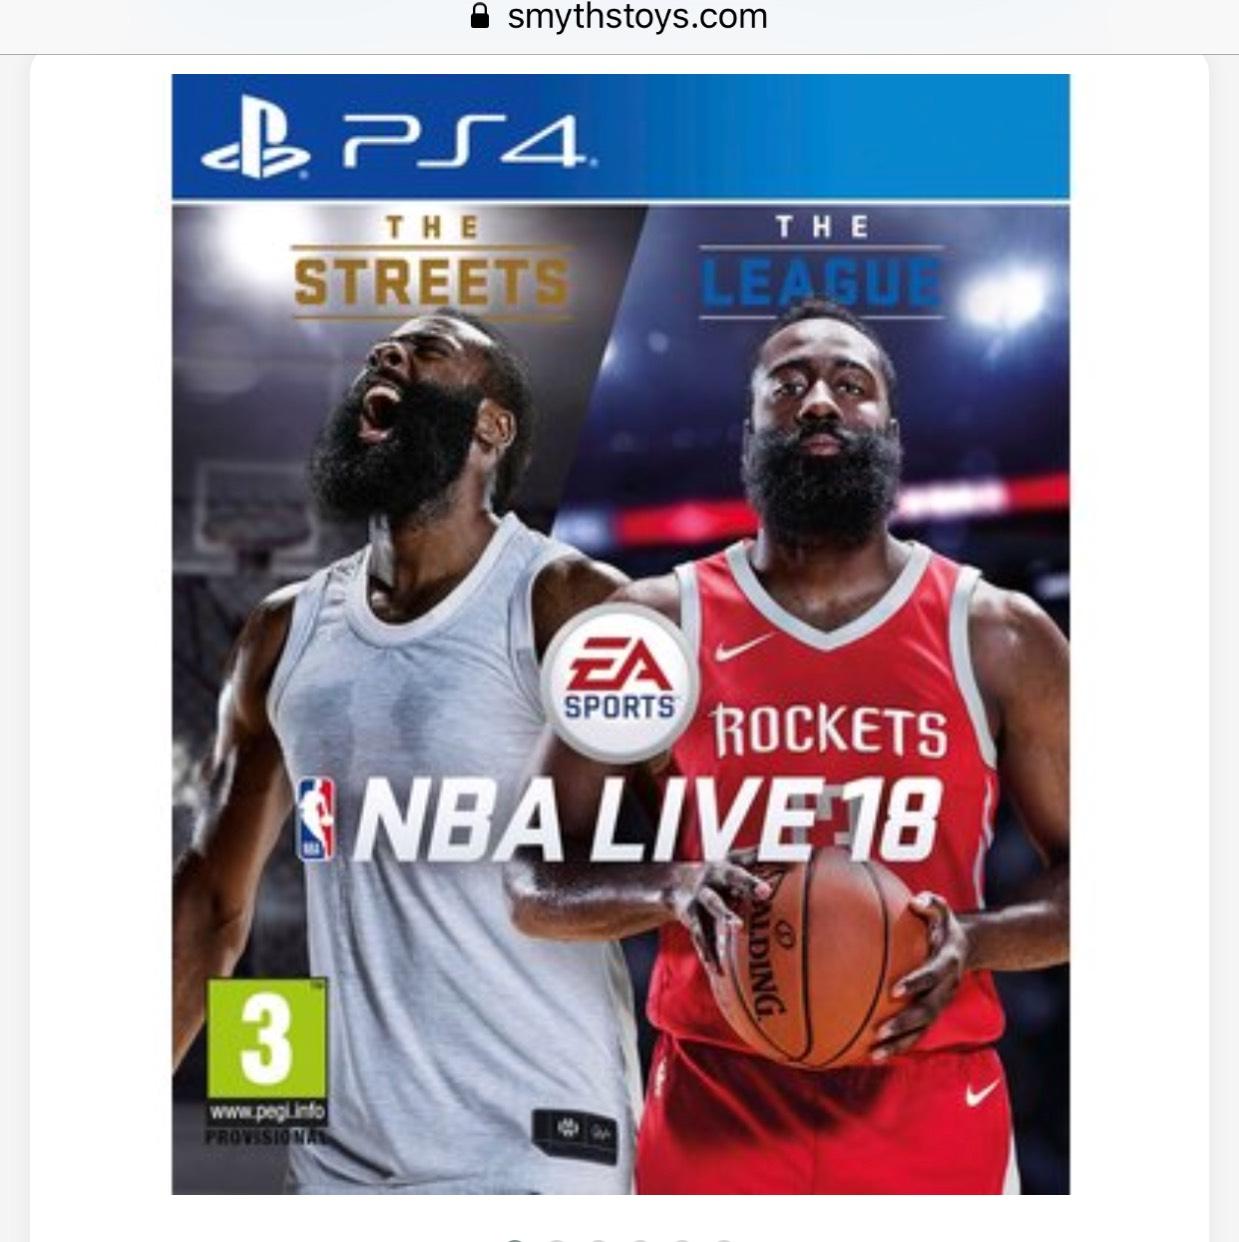 NBA 18 Live PS4 Smyths Toys - £19.99